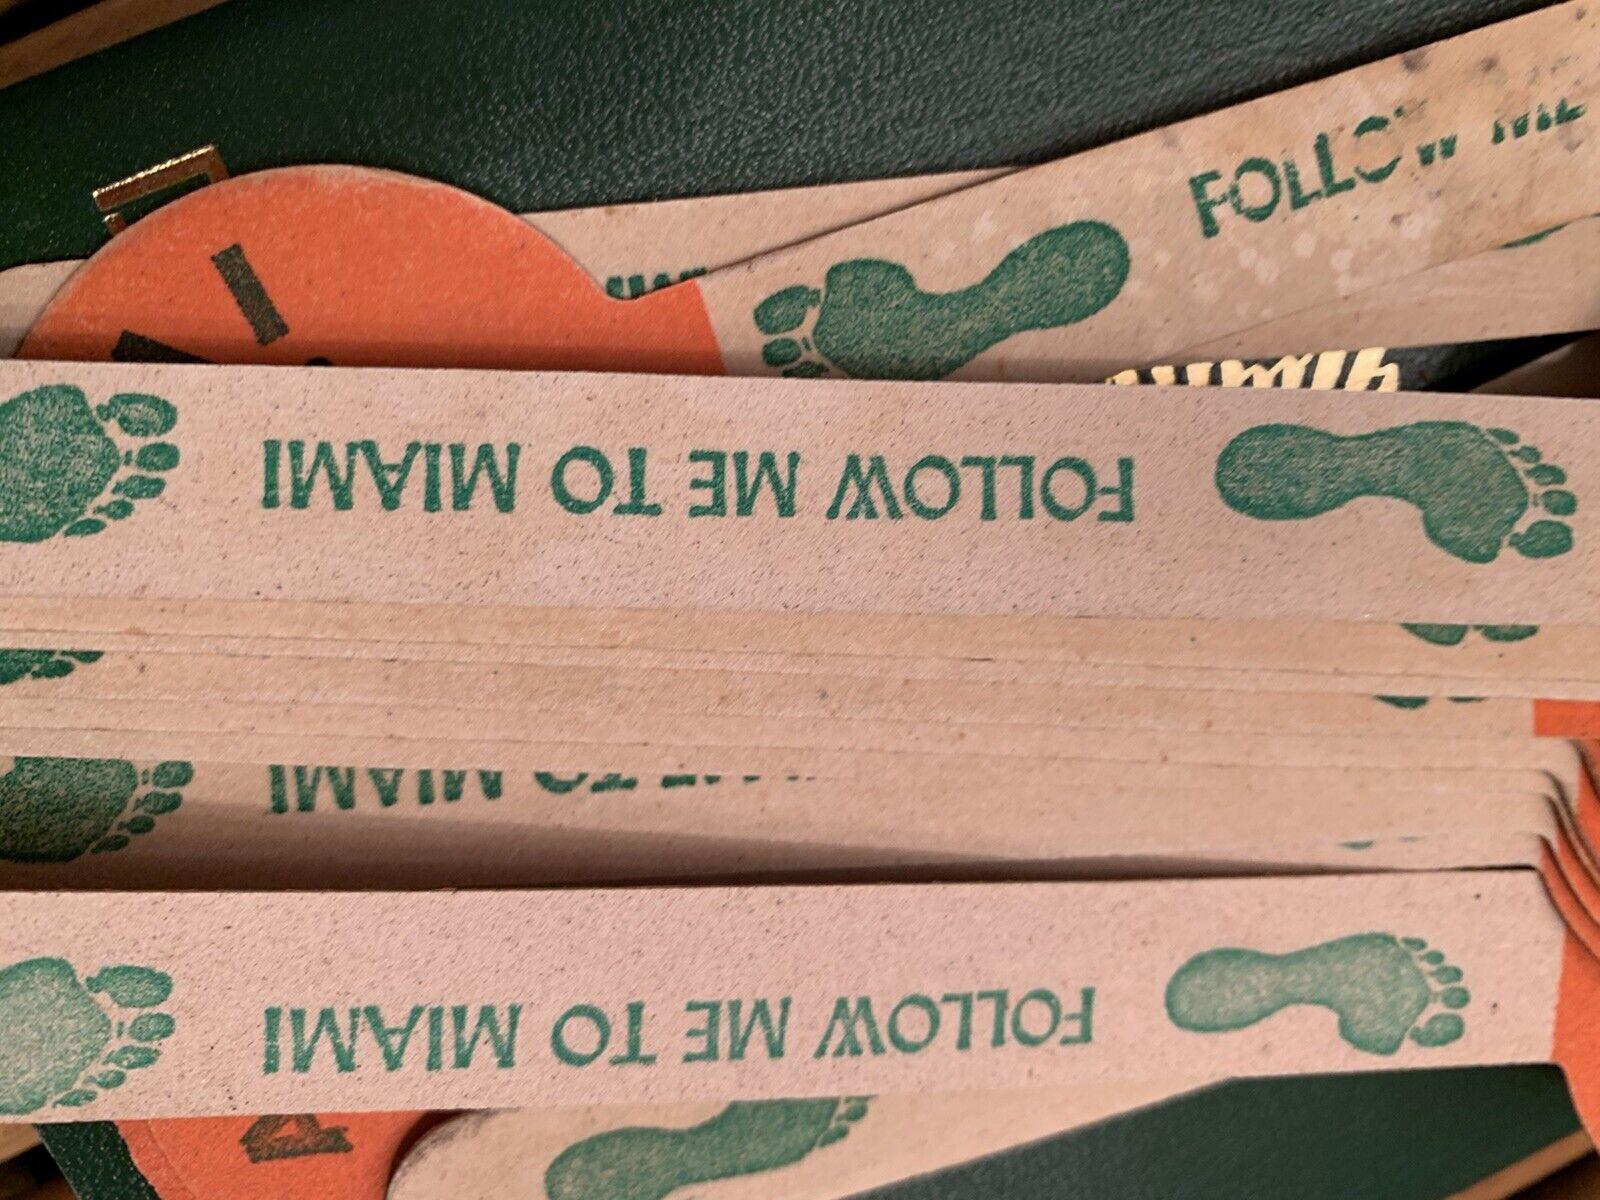 4 Miami Florida Vintage Souvenir Follow Me To Miami Nail Files - $10.00